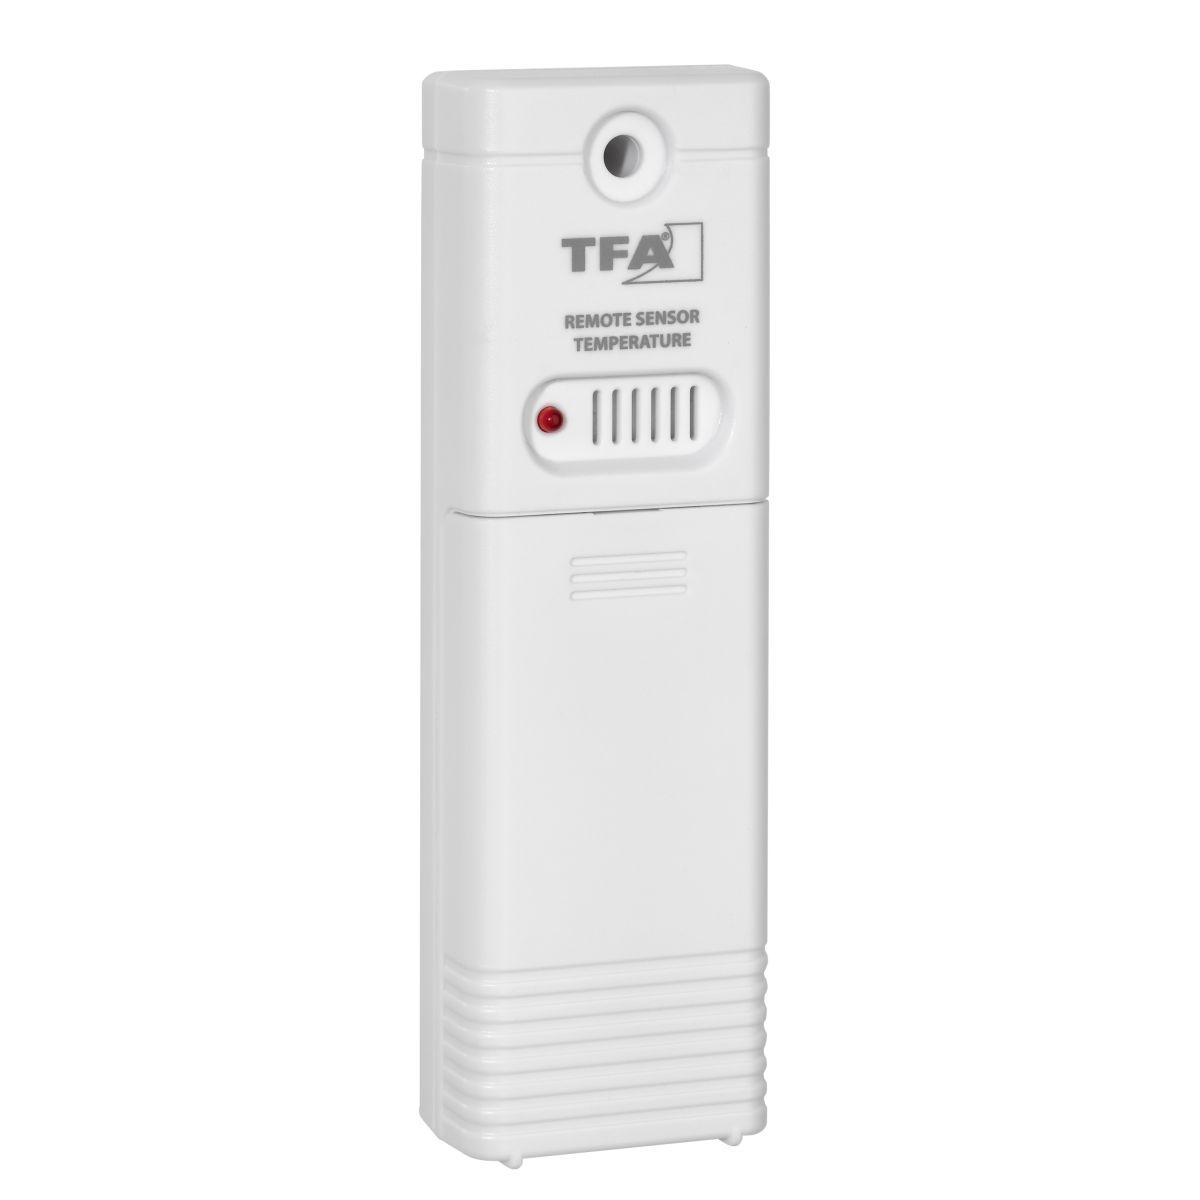 Bezdrátové čidlo teploty TFA 30.3243.02